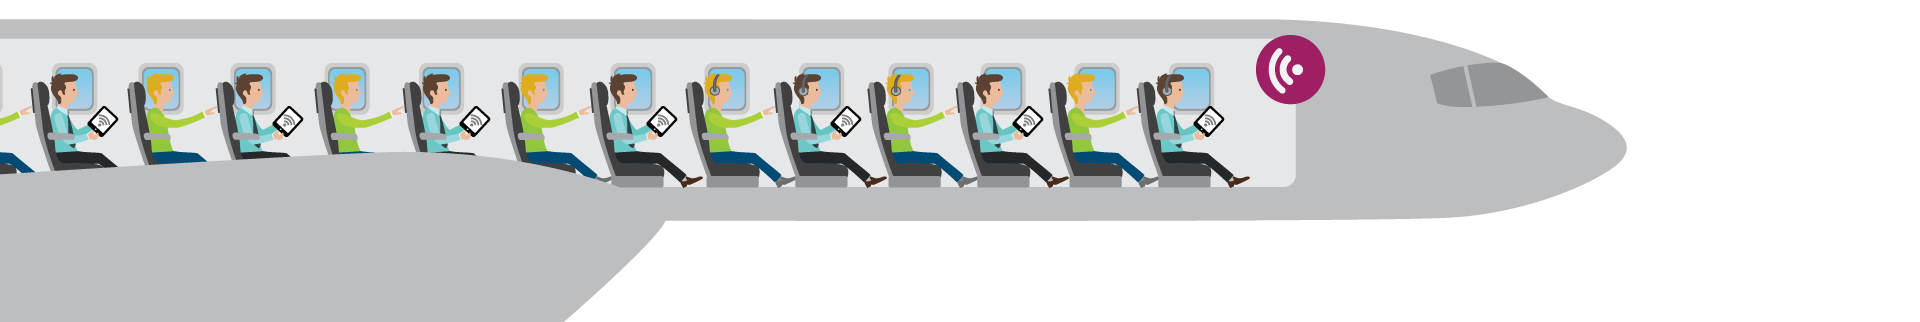 attirez des touristes dans les avions